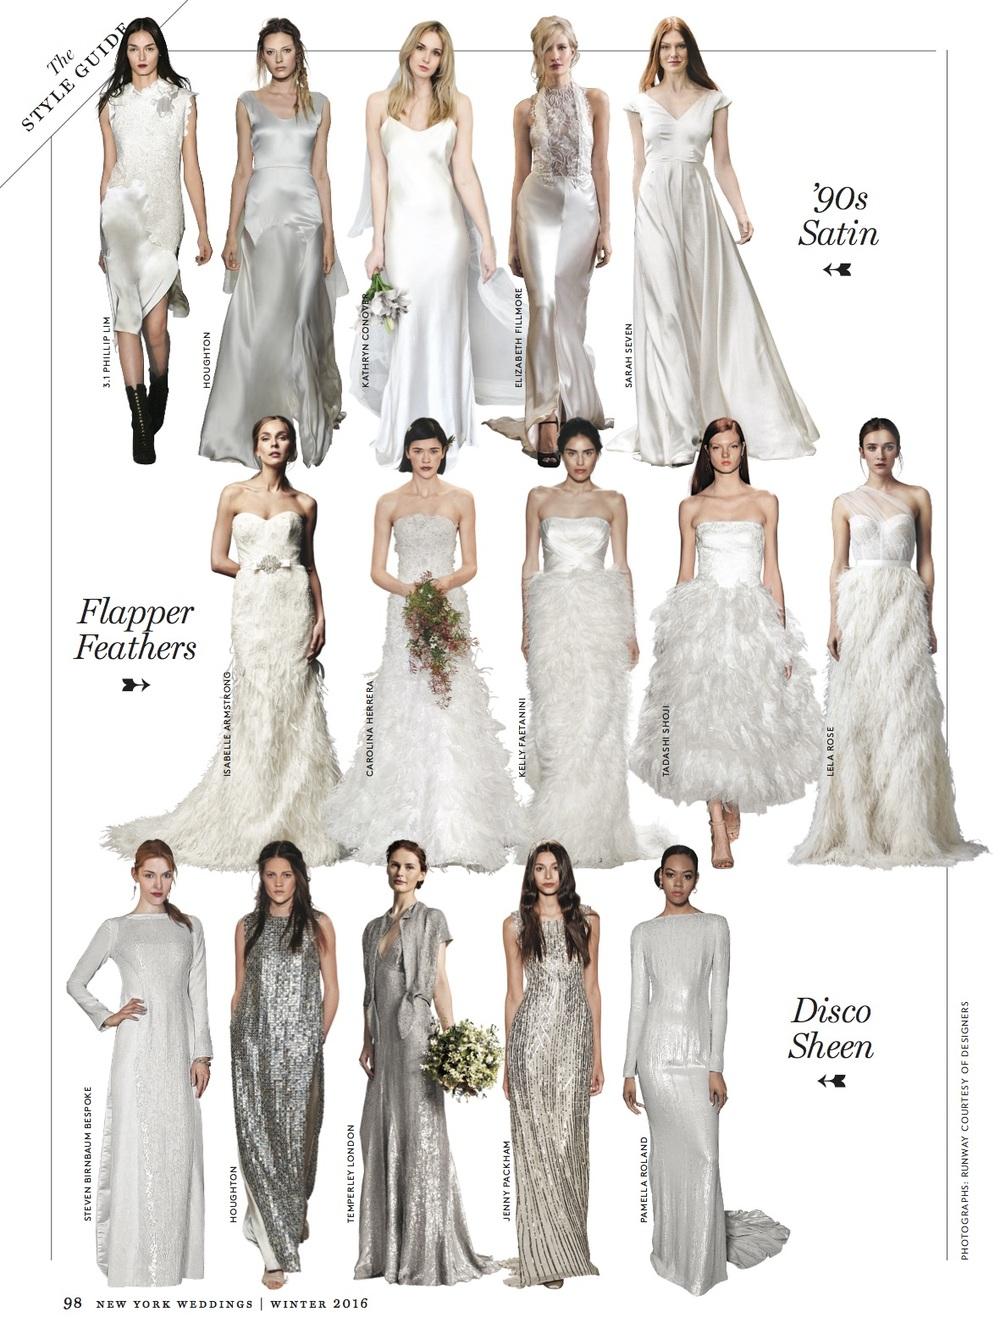 NY Weddings Summer 2016